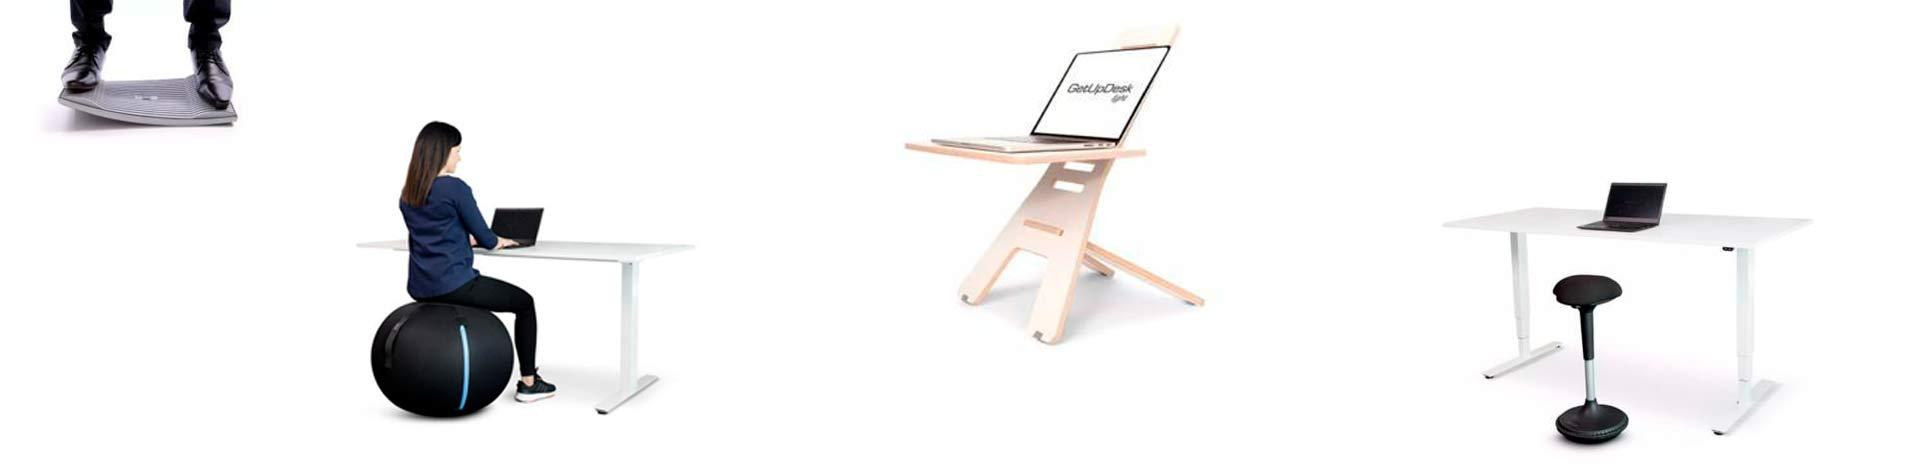 KT Interiorilta valikoima ergonomiatuotteita kotiin, toimistoon ja kotitoimistoon.